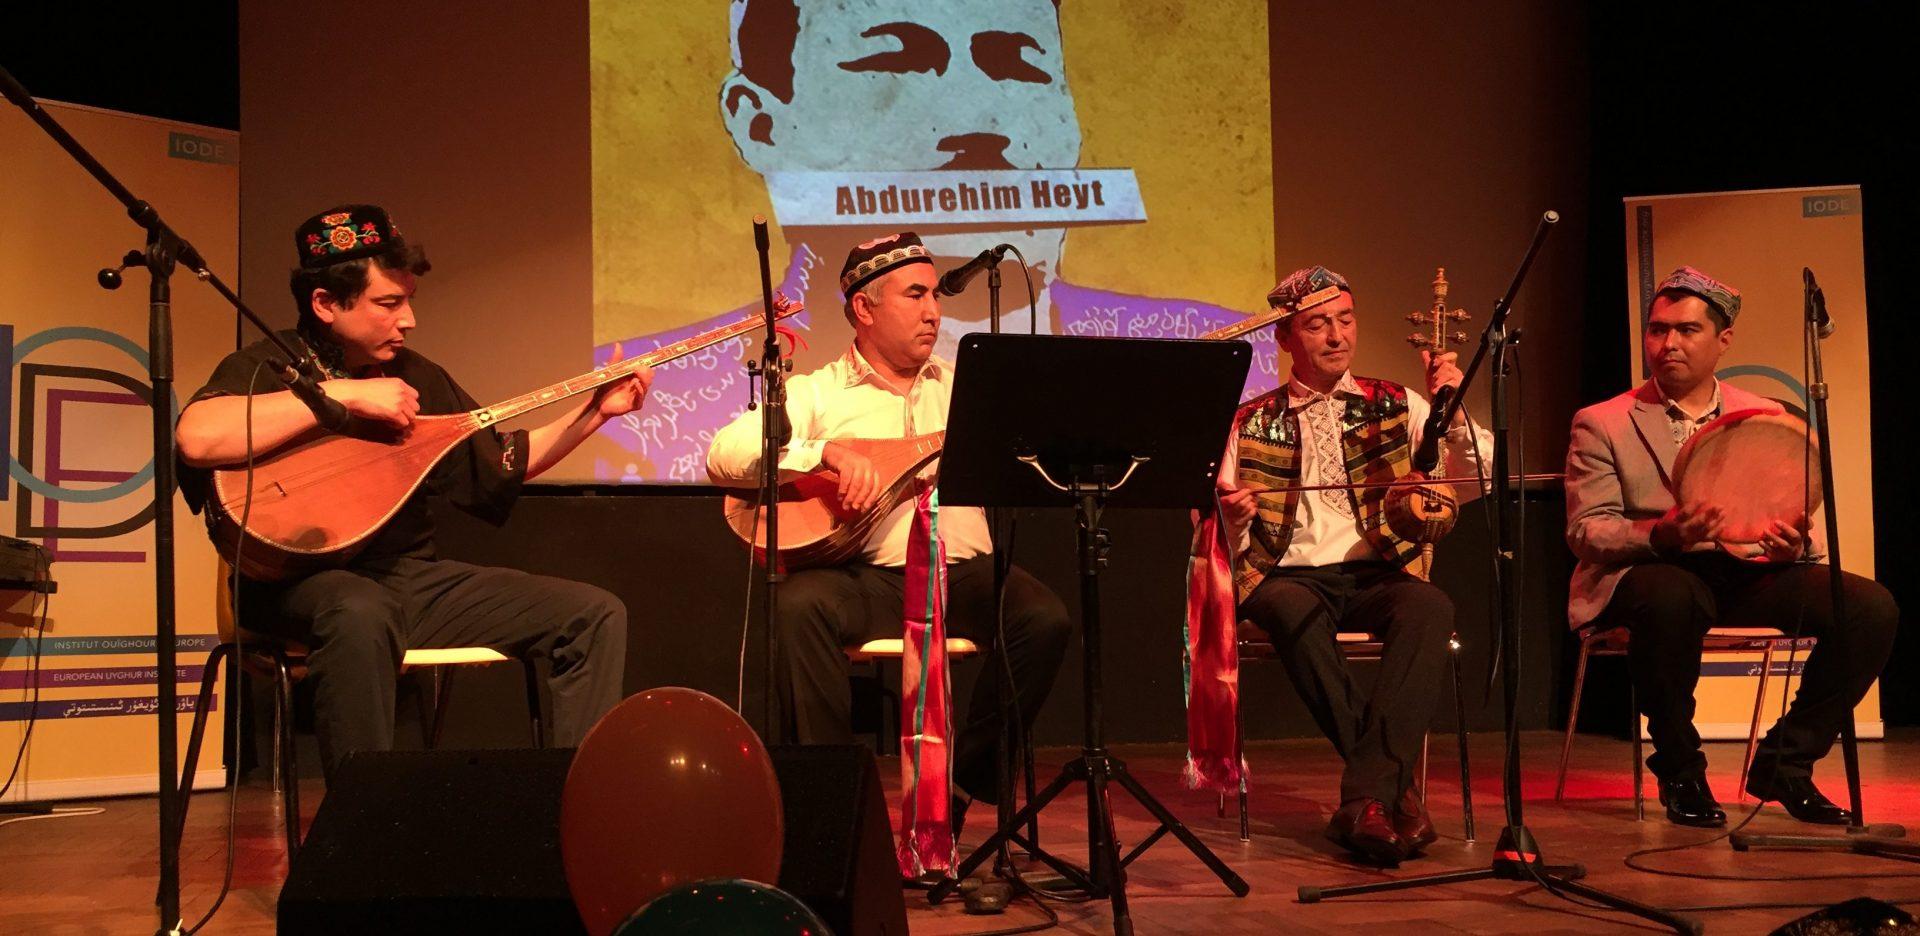 """Concert de musique traditionnelle ouïghoure pour Norouz à Paris, le 24 mars 2019. Des hommages ont été rendus à Abdurehim Heyt, l'un des """"rois du doutar"""", un luth à deux cordes. Abdurehim Heyt a """"disparu"""" depuis mars 2017 au Xinjiang. (Copyright : Baptiste Fallevoz)"""